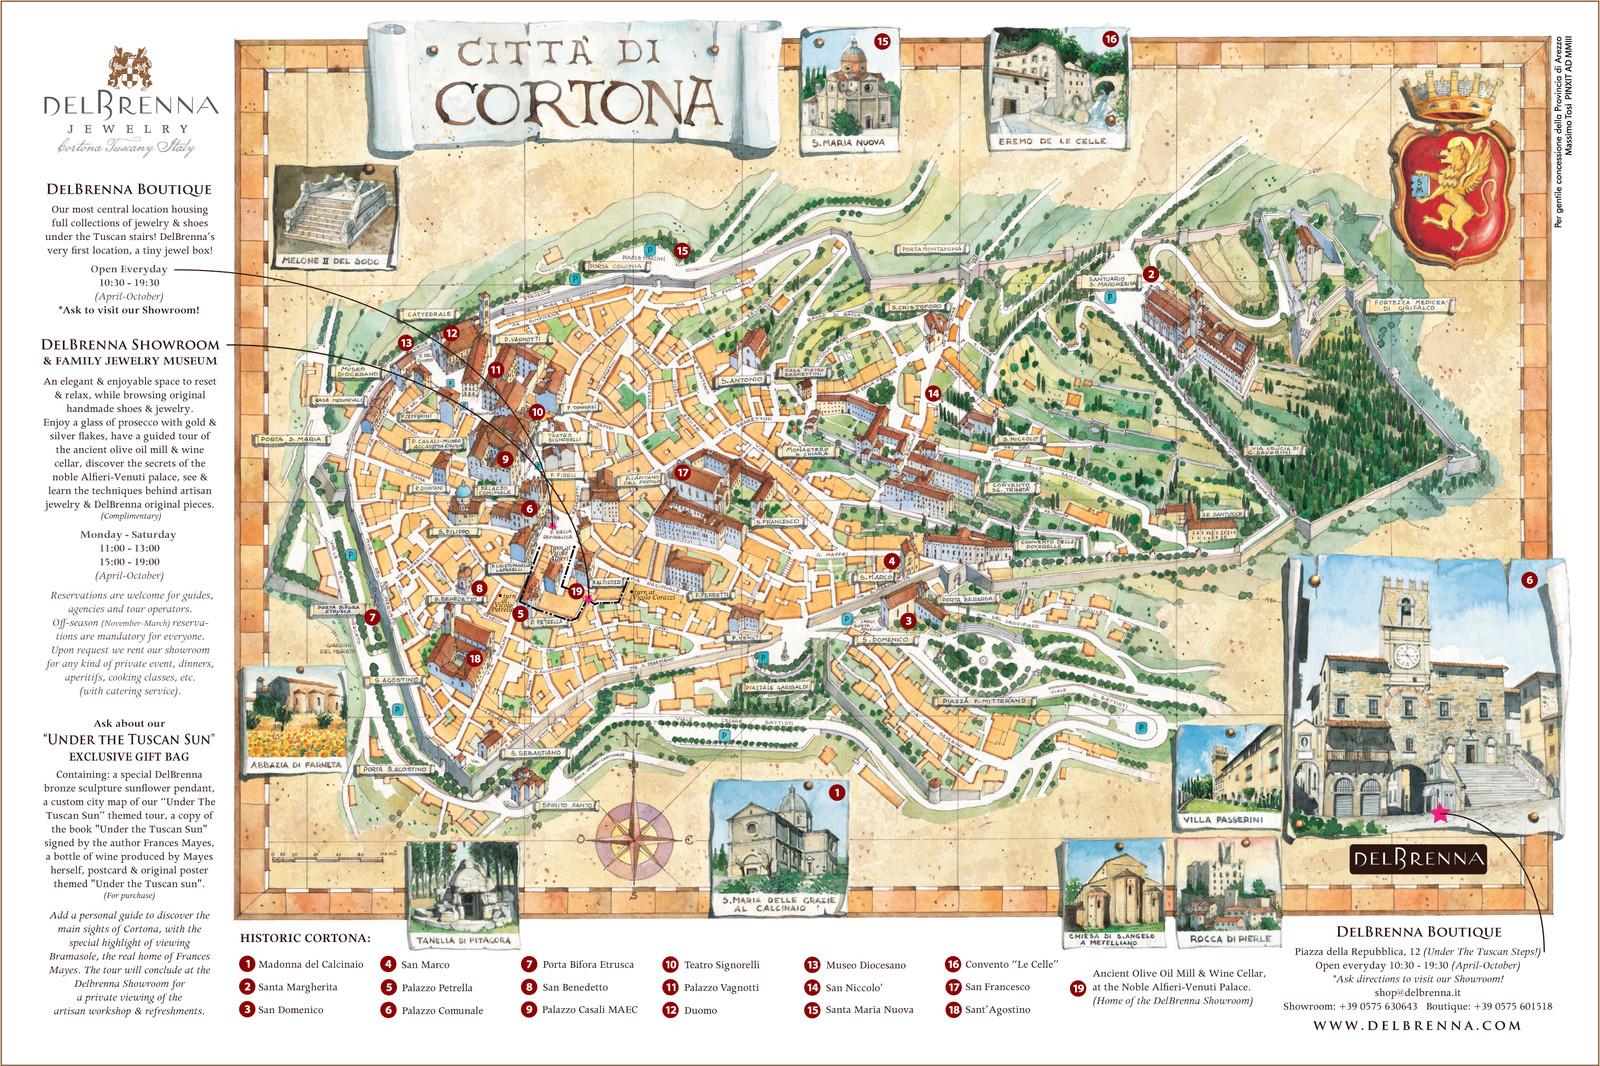 Exclusive Cortona Map| Cortona | DelBrenna Jewelry